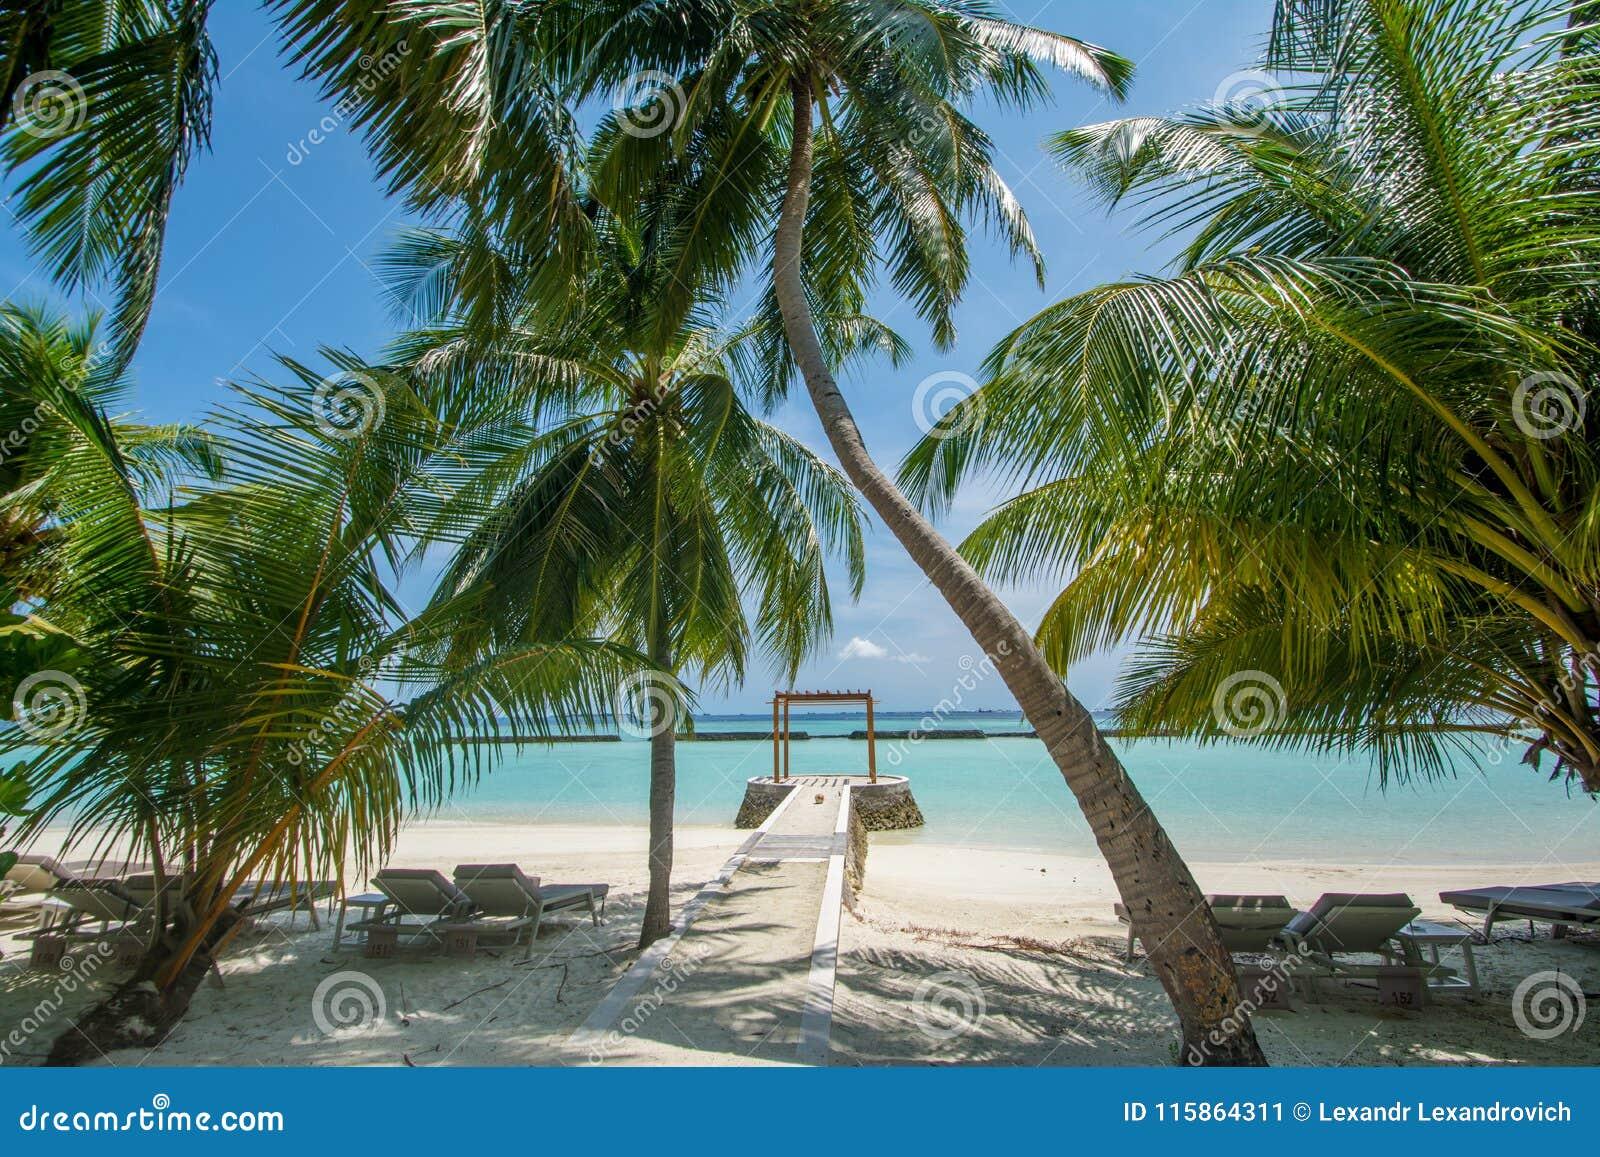 Schöne tropische sonnige Strandlandschaftsansicht mit Palmen und Ozean in der Insel am Erholungsort